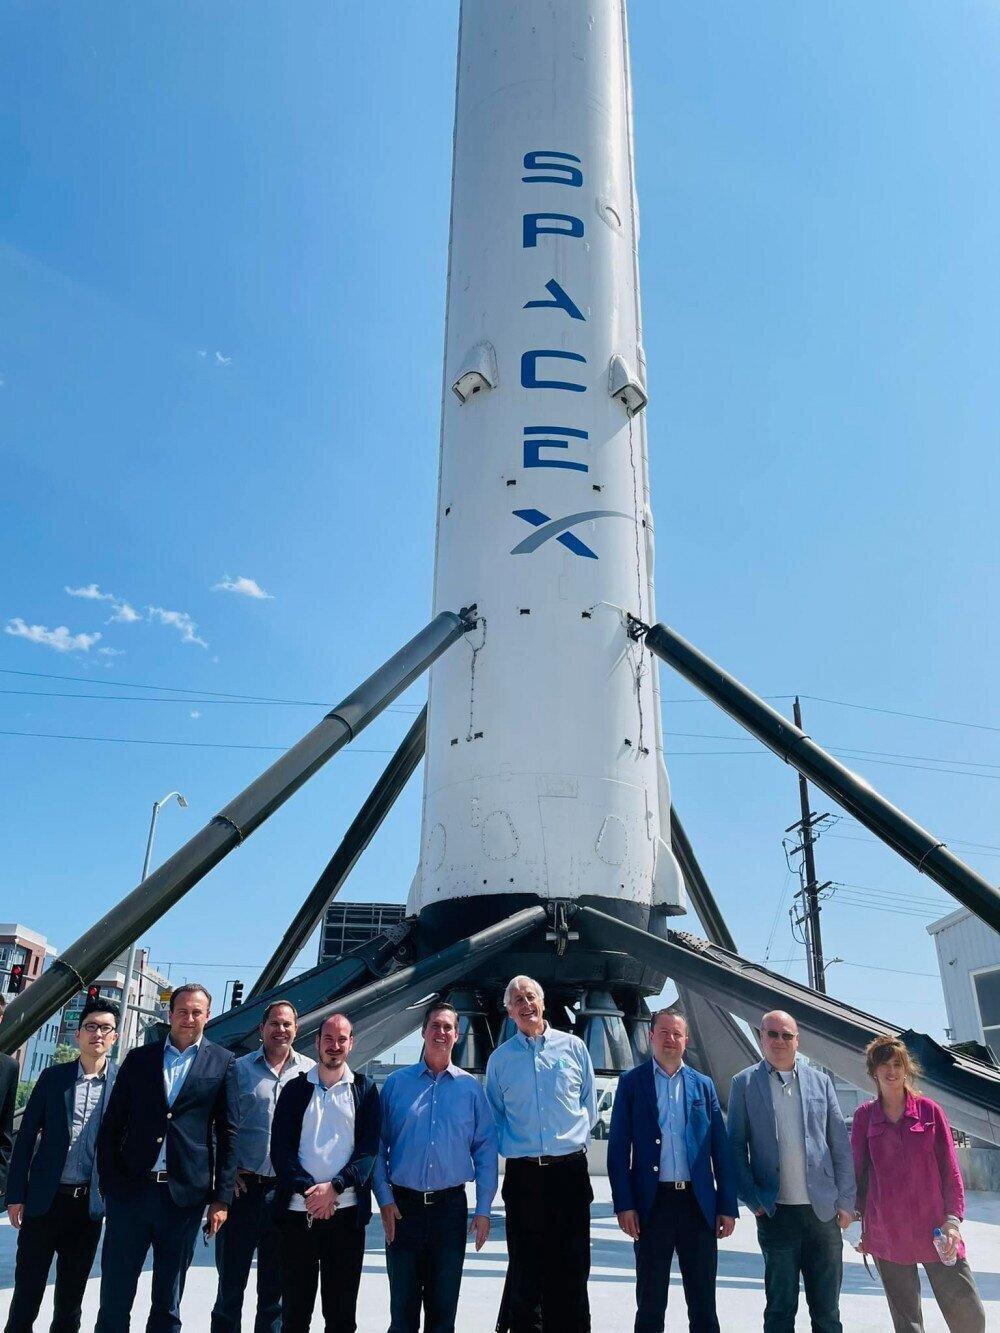 SpaceX საქართველოს თანამგზავრული ინტერნეტის მიწოდების საპილოტე ქვეყნად განიხილავს - GITA